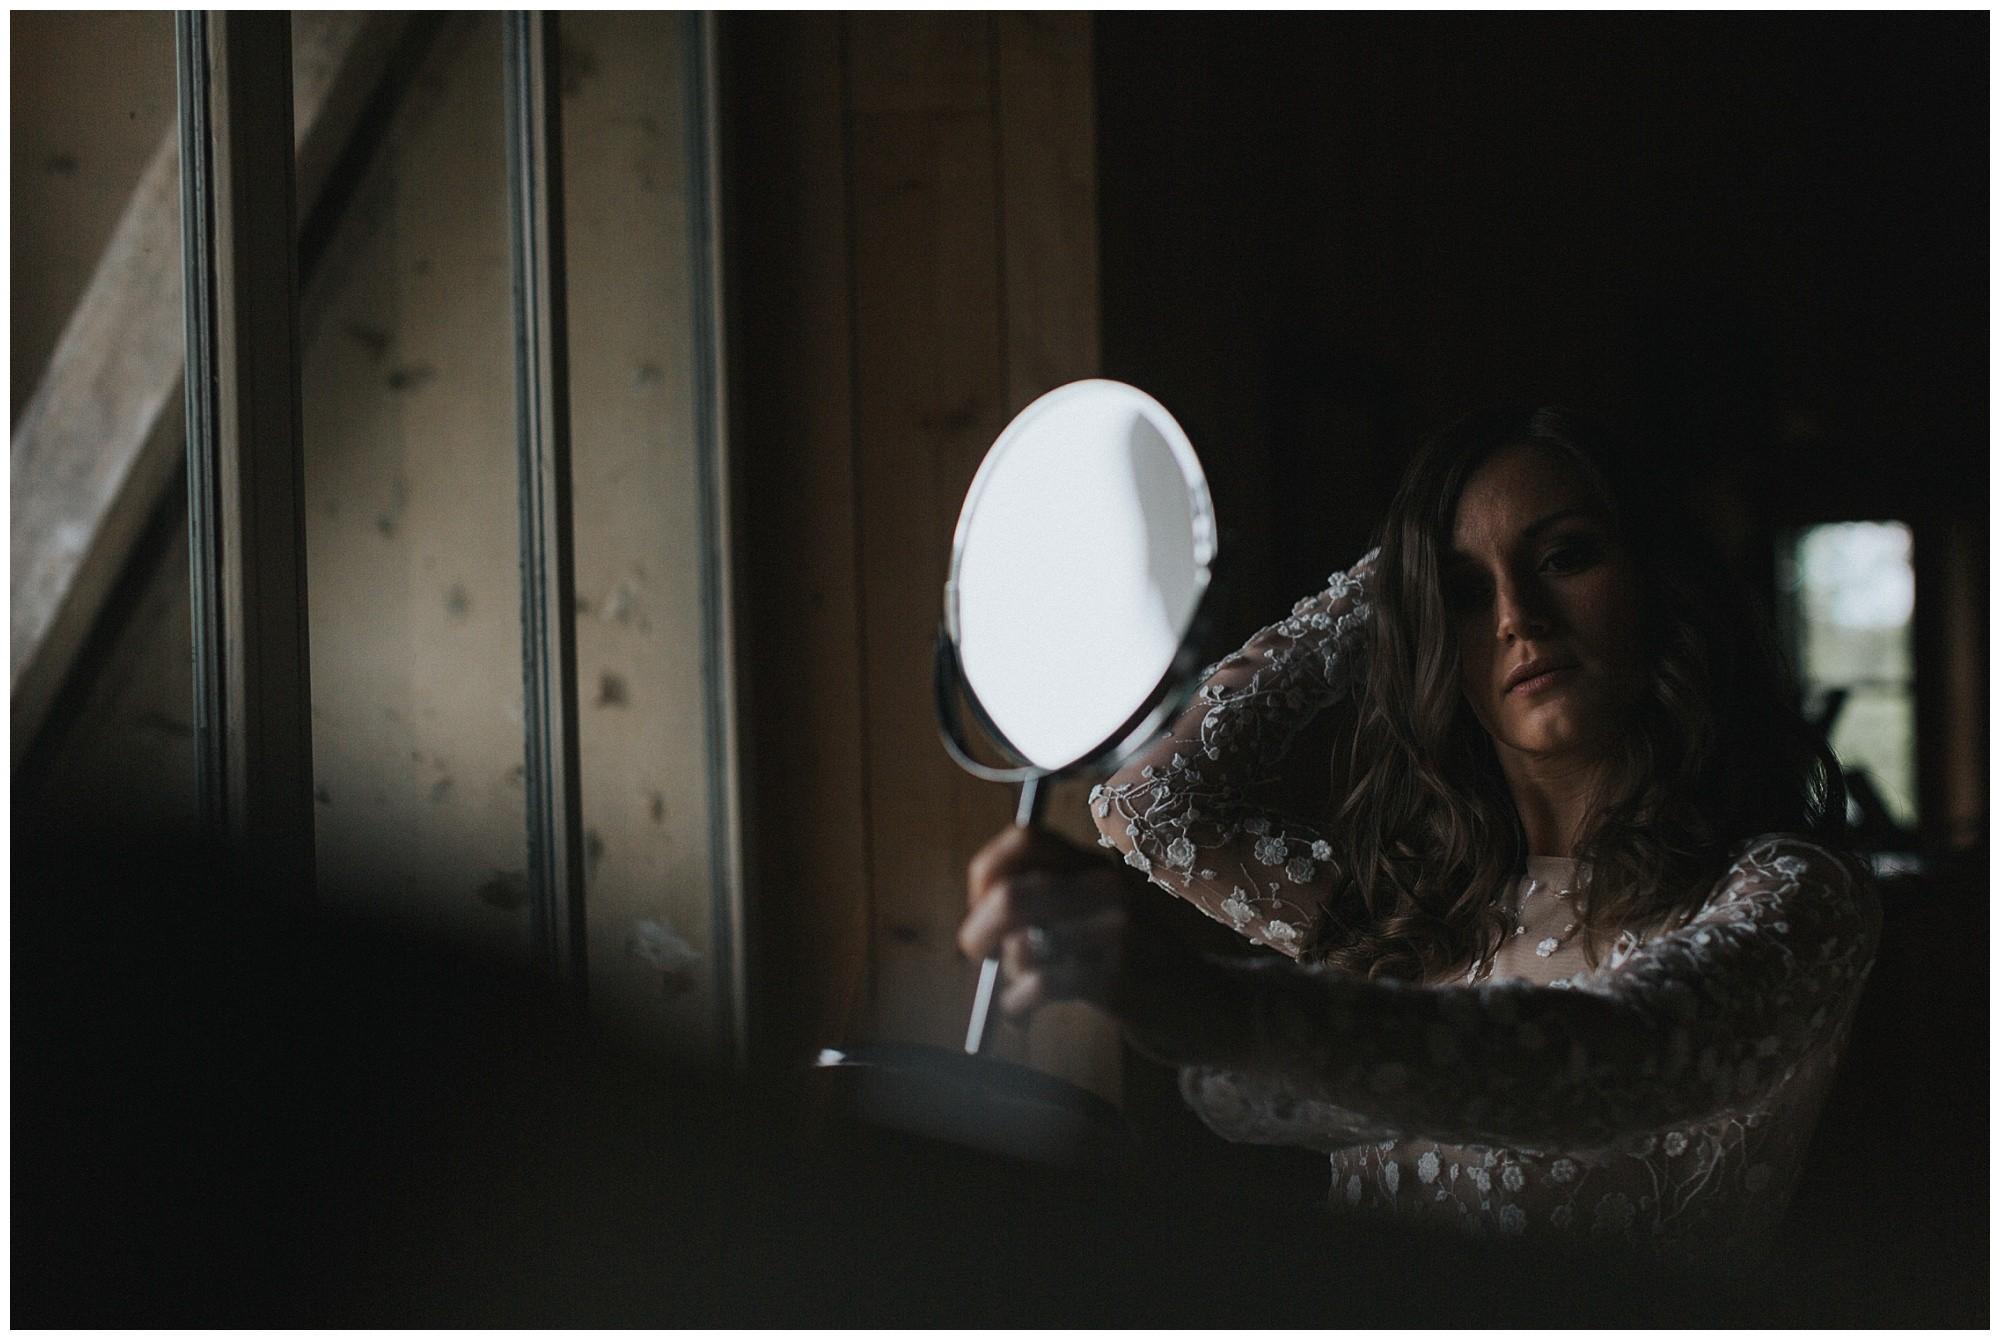 Kateryna-photos-photographer-reims-domaine-des-evis-mariage-normandie-rime-arodaky_portrait-de-la-mariee-regarde-dans-le-miroir